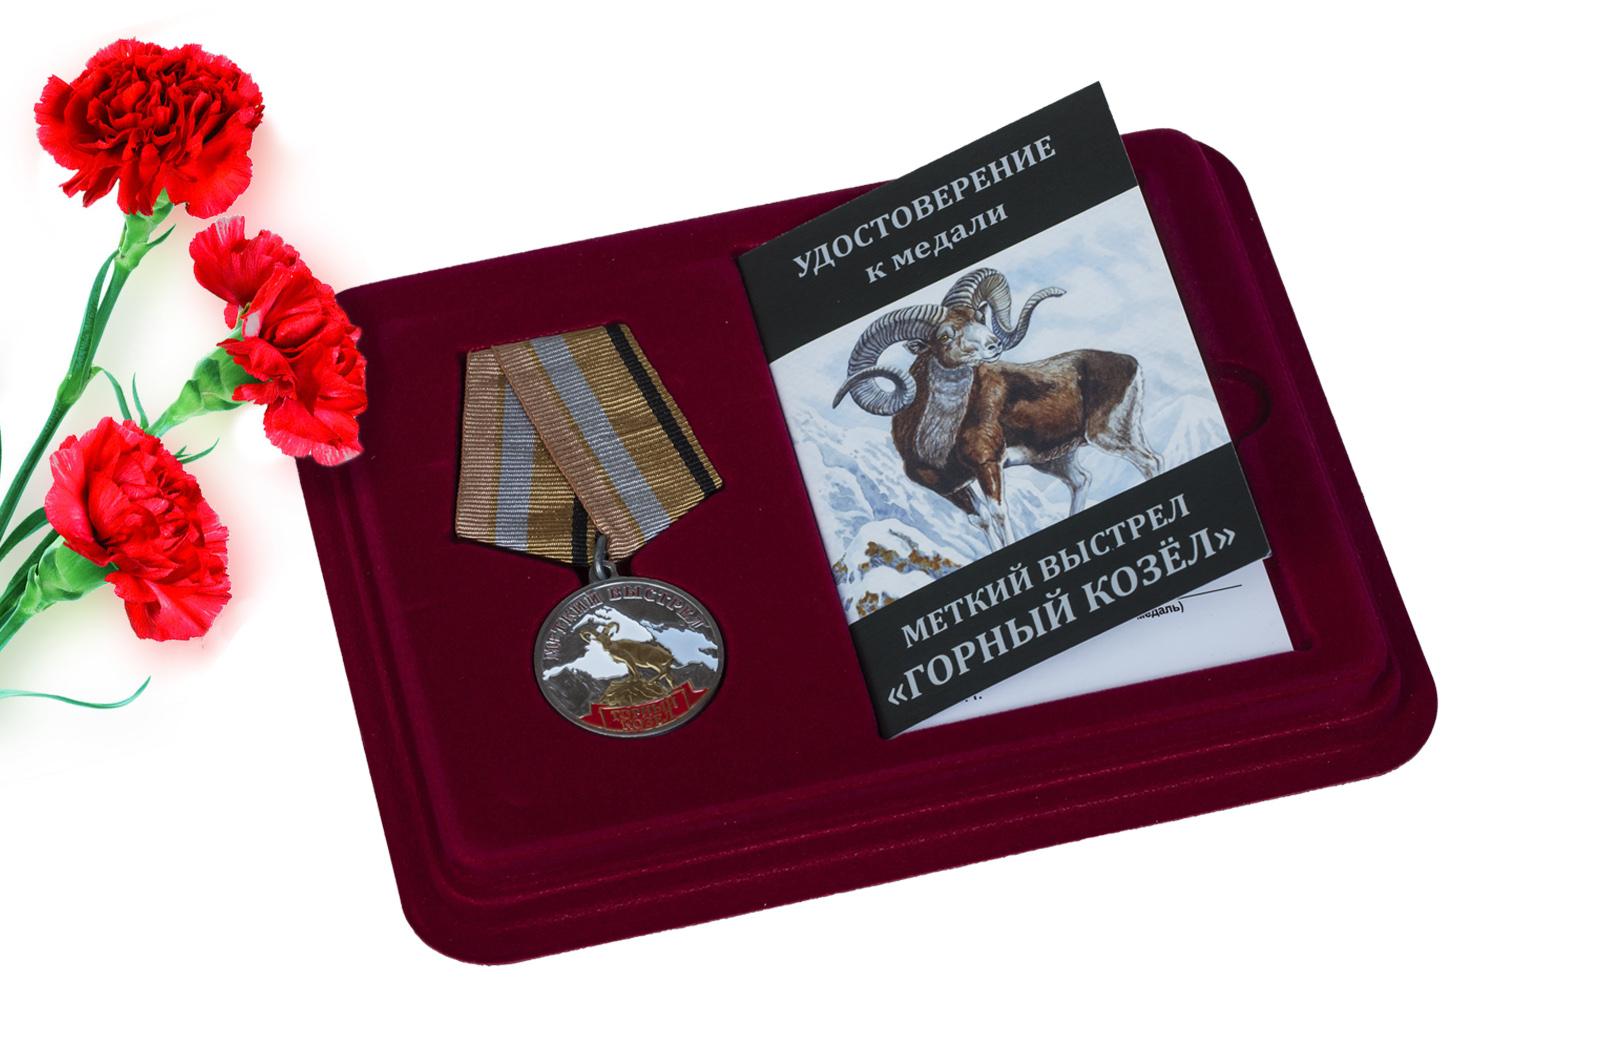 Купить медаль Меткий выстрел Горный козел в подарок охотнику